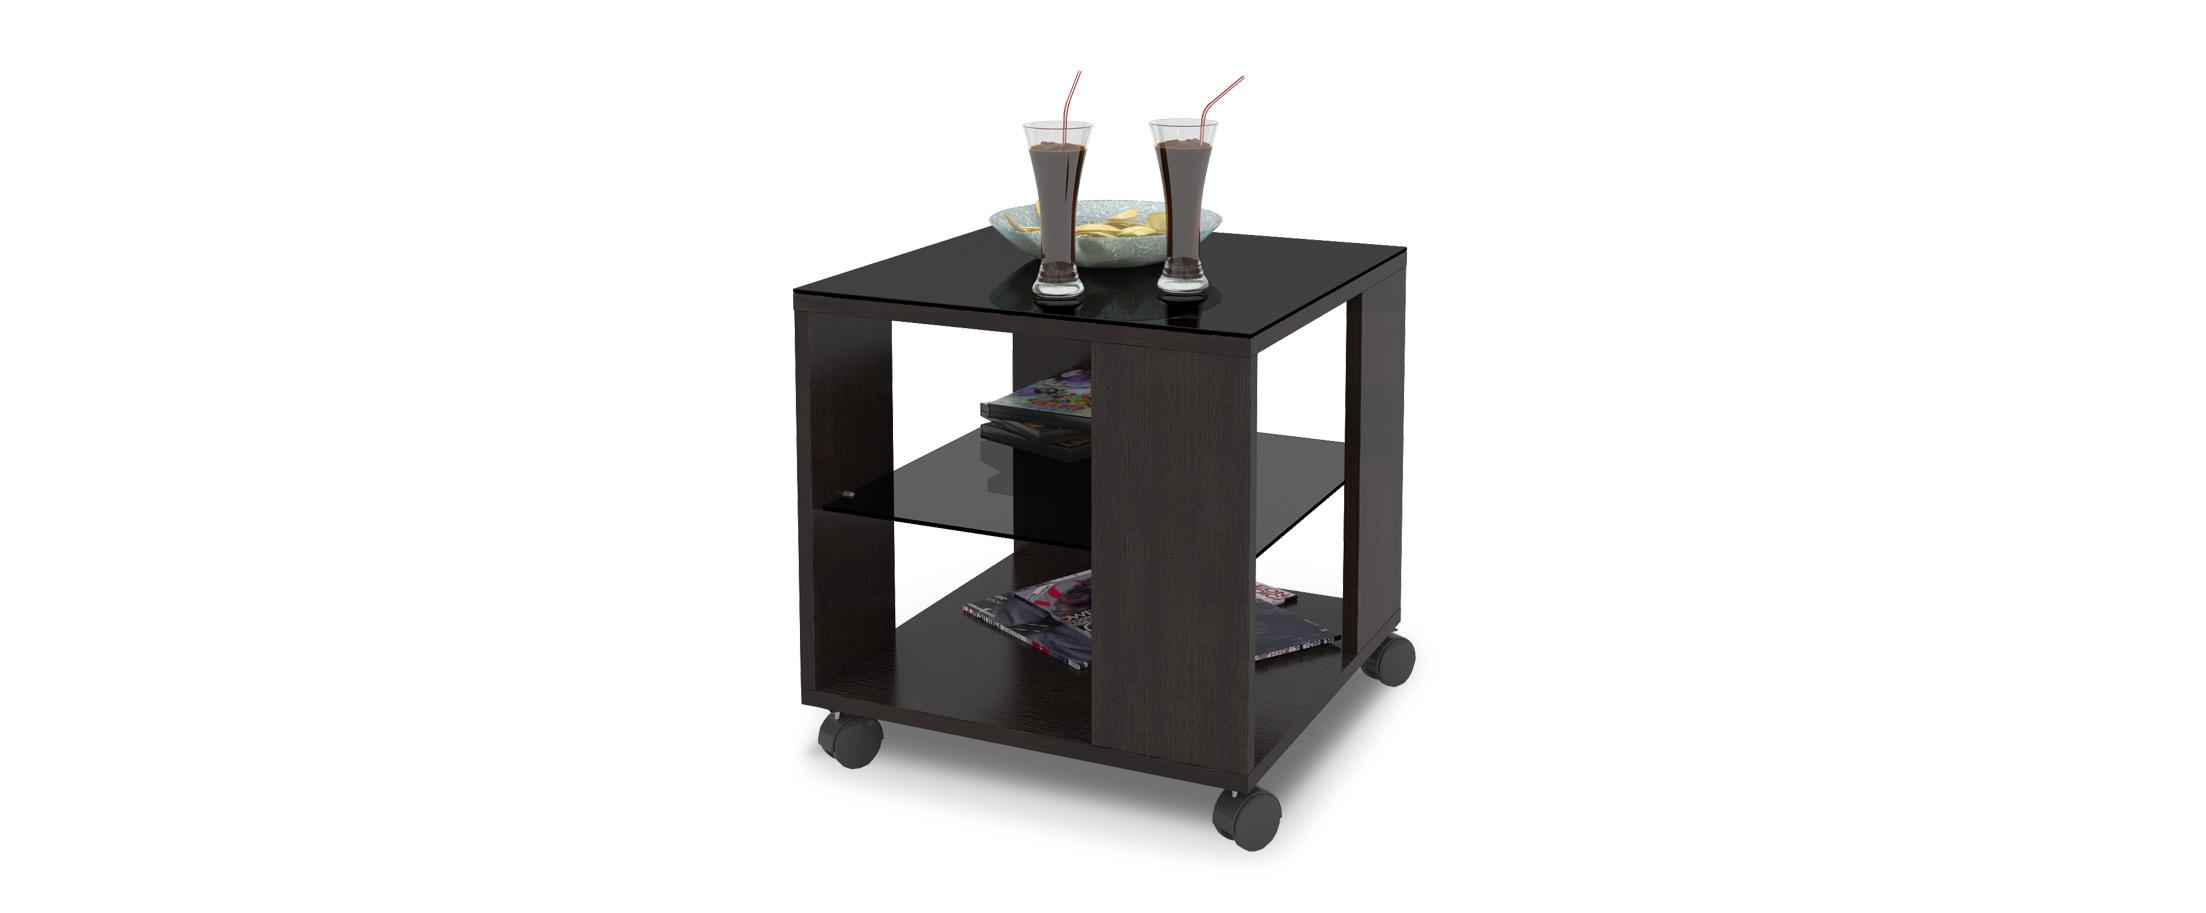 Журнальный стол Mayer 2 Модель 341Стильный четырёхколёсный стол легко передвигается по любому покрытию. Столешница из закалённого стекла, плюс две дополнительные полочки. Гарантия 18 месяцев. Артикул: Д000049.<br><br>Ширина см: 45<br>Глубина см: 45<br>Высота см: 57<br>Цвет: Венге<br>Материал столешницы: Стекло<br>Материал корпуса: ДСП